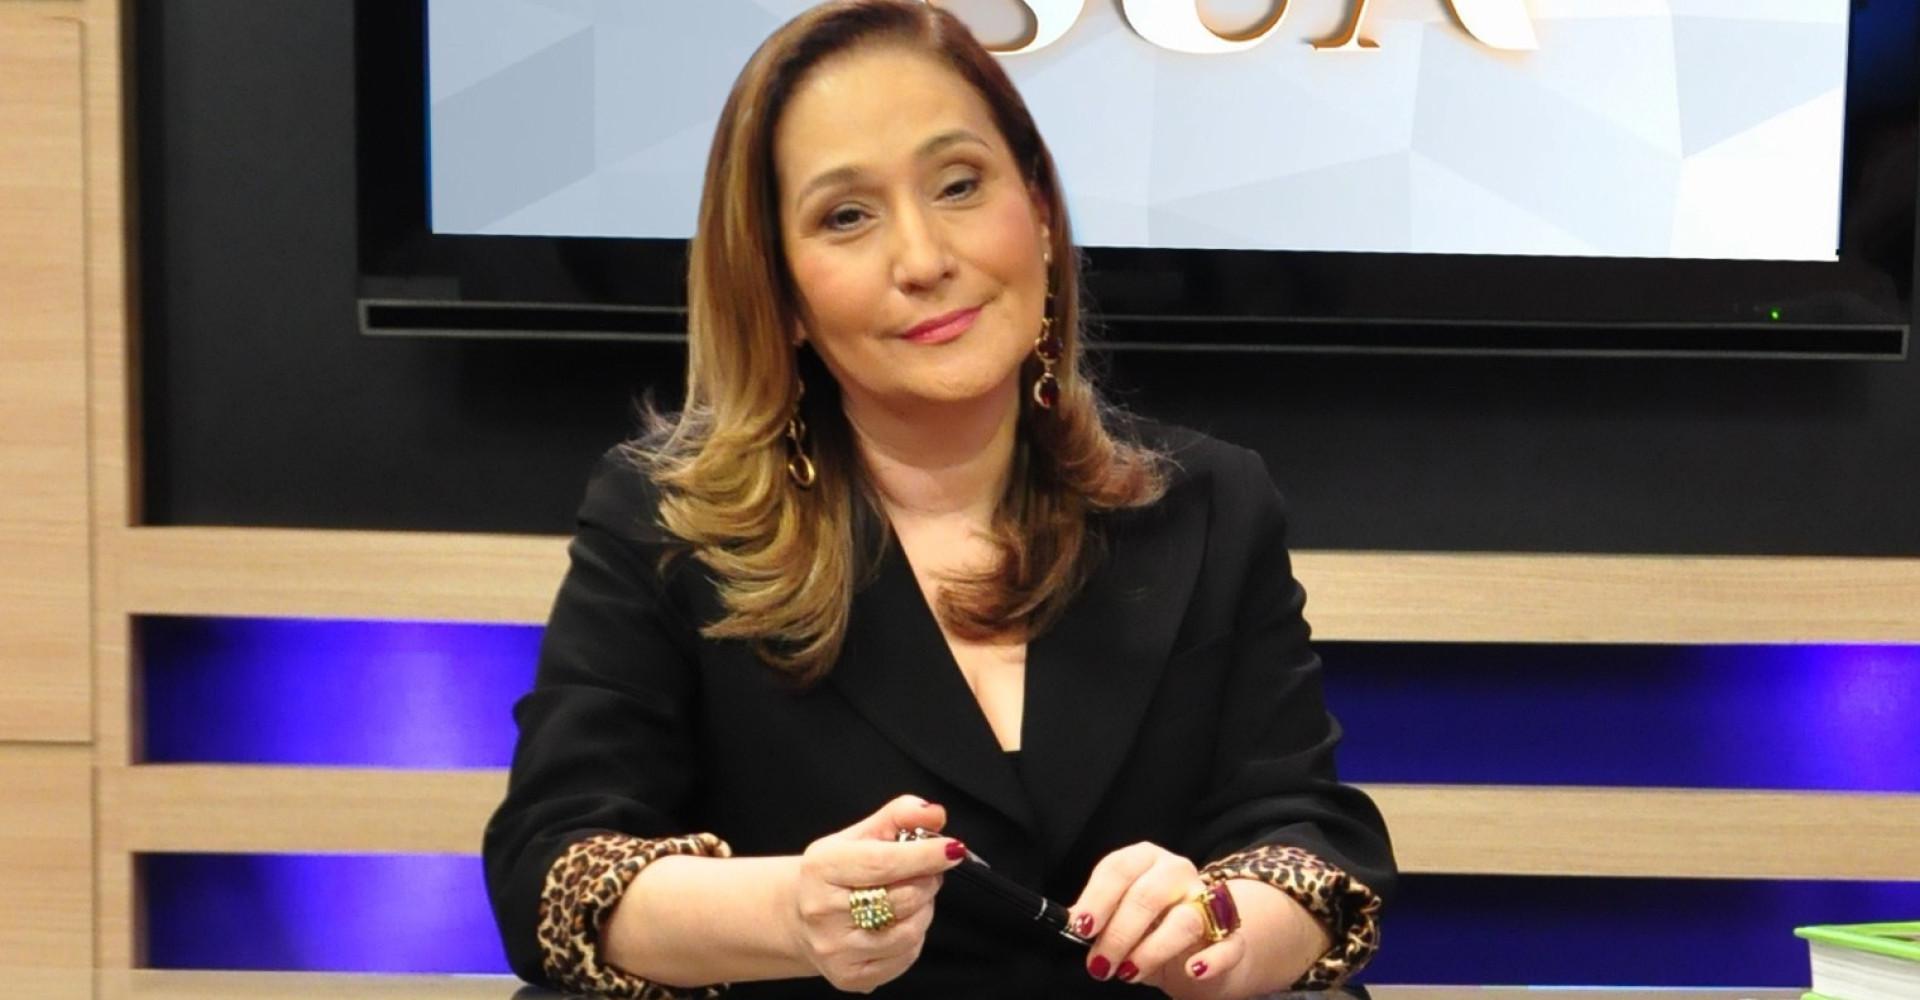 Sonia Abrão detona Evaristo Costa: 'Desempregado e rei das Fake News'